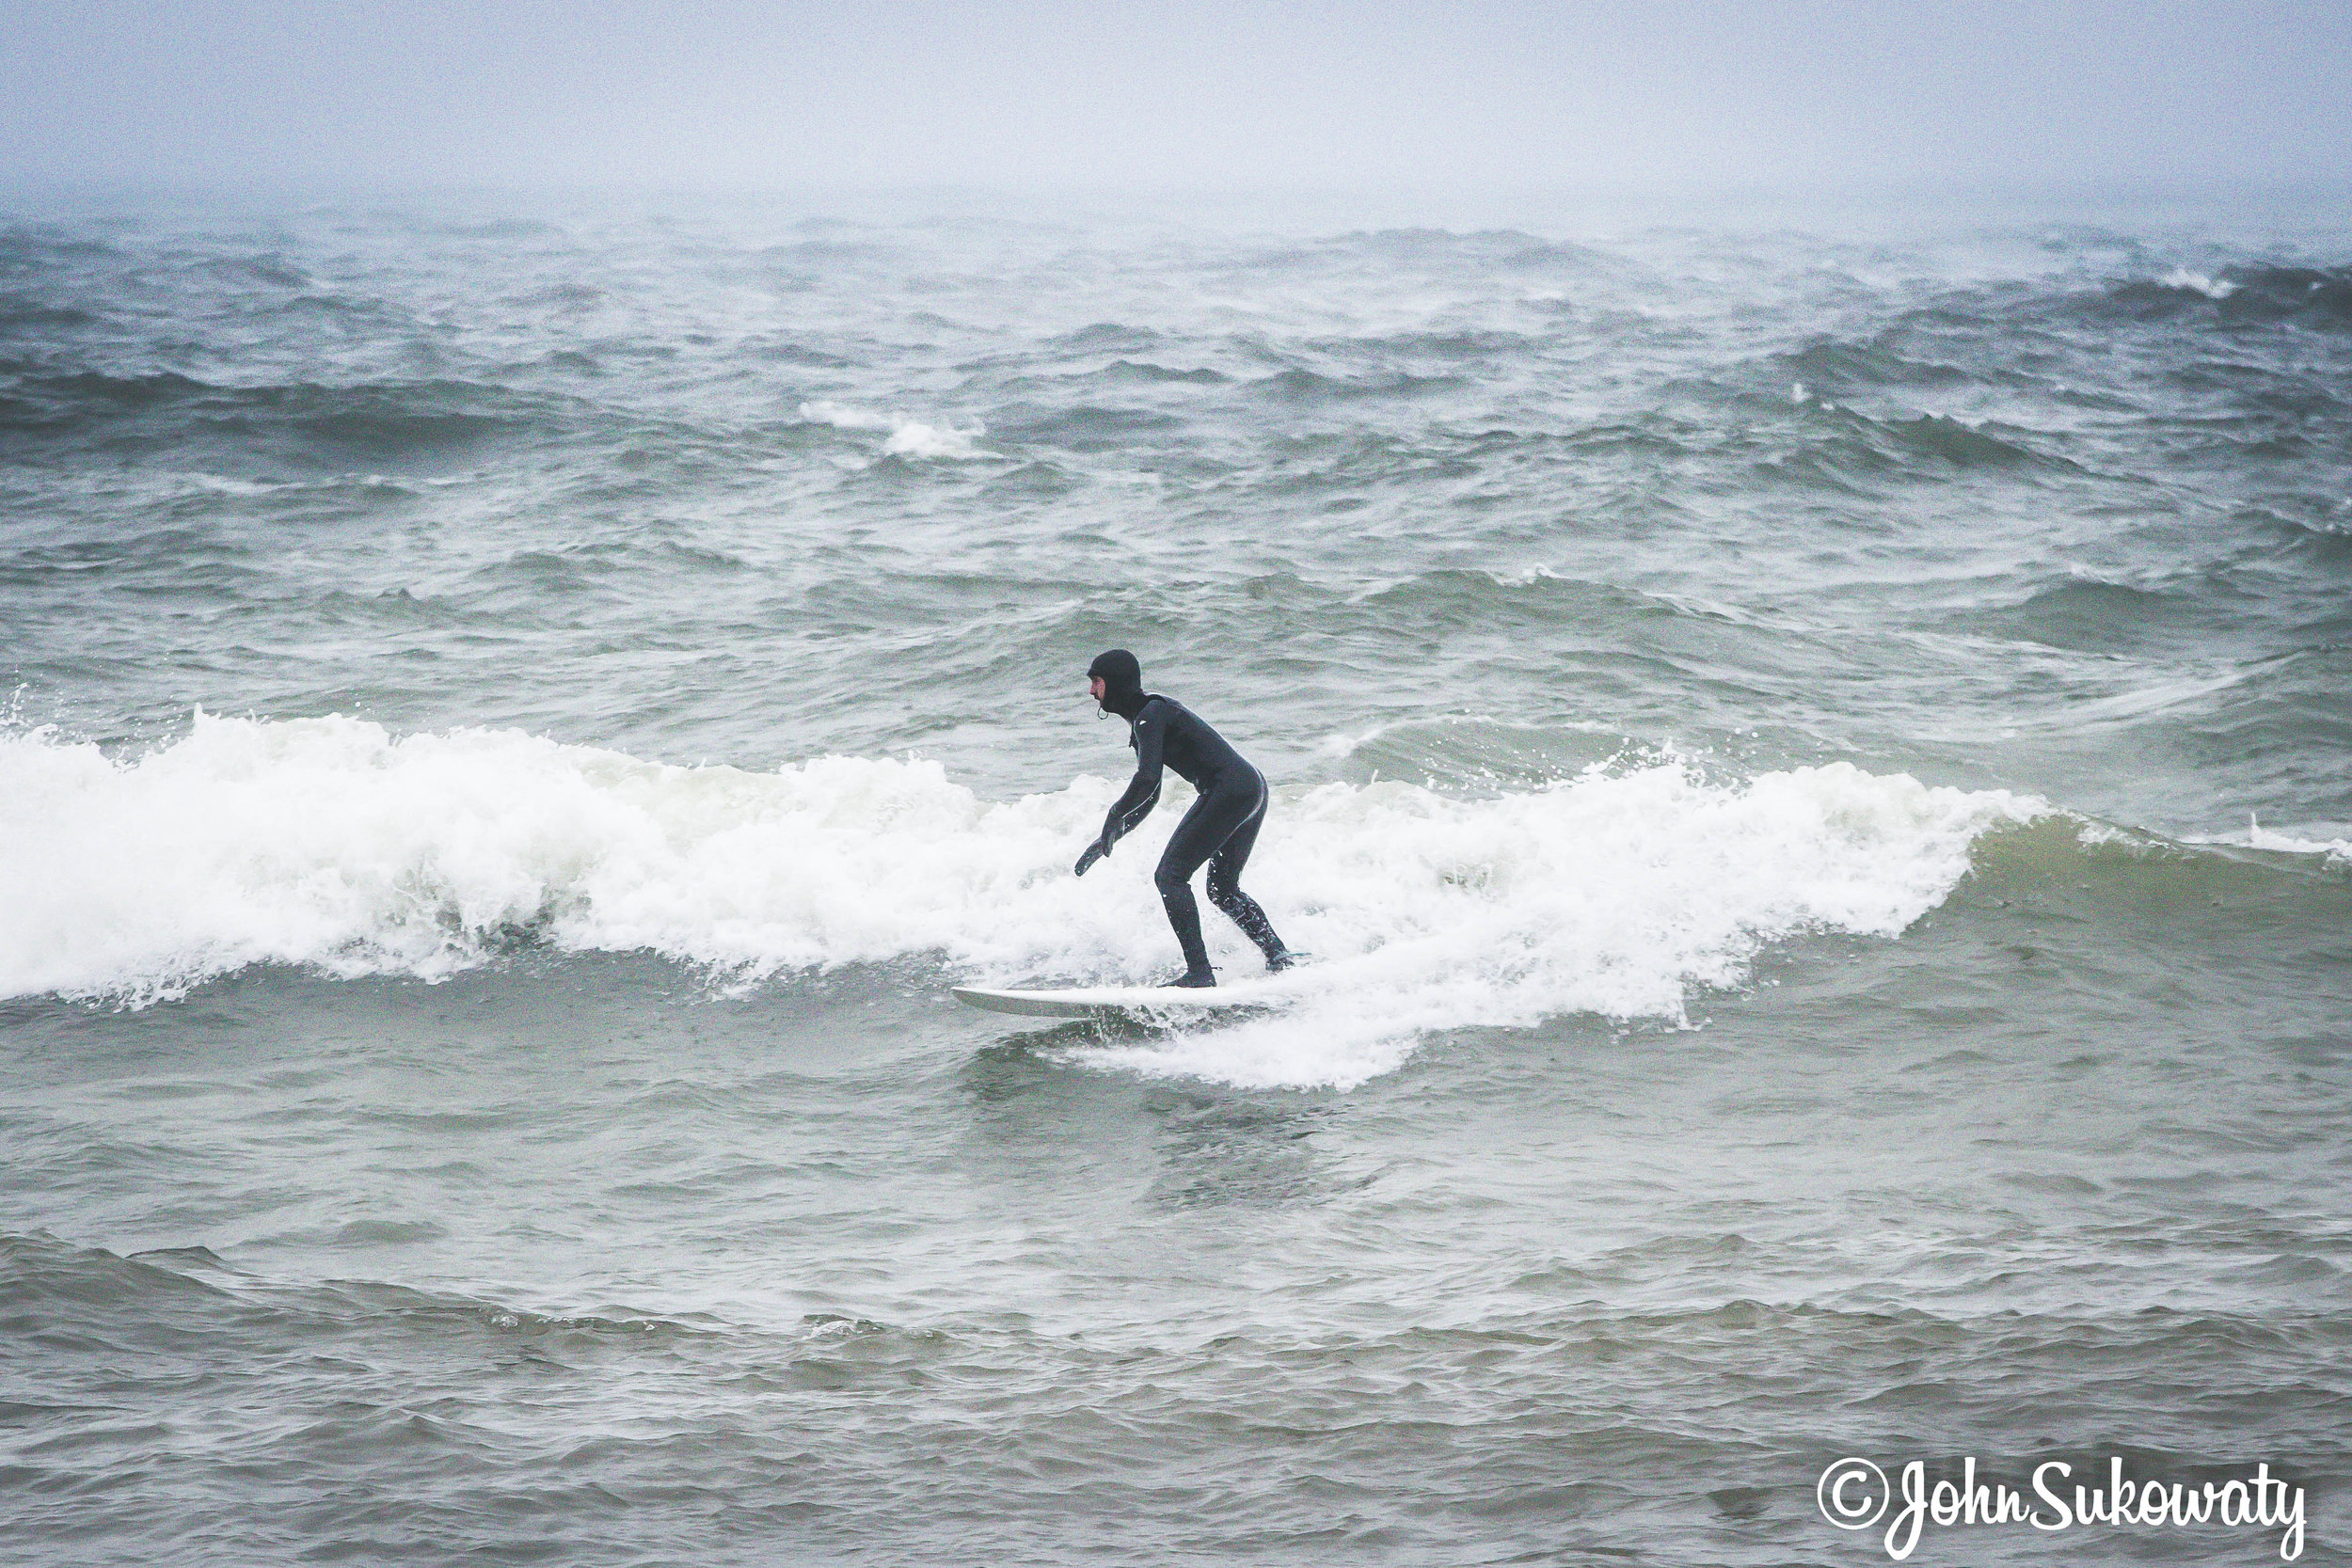 sheboygan-surfing-november-5.jpg